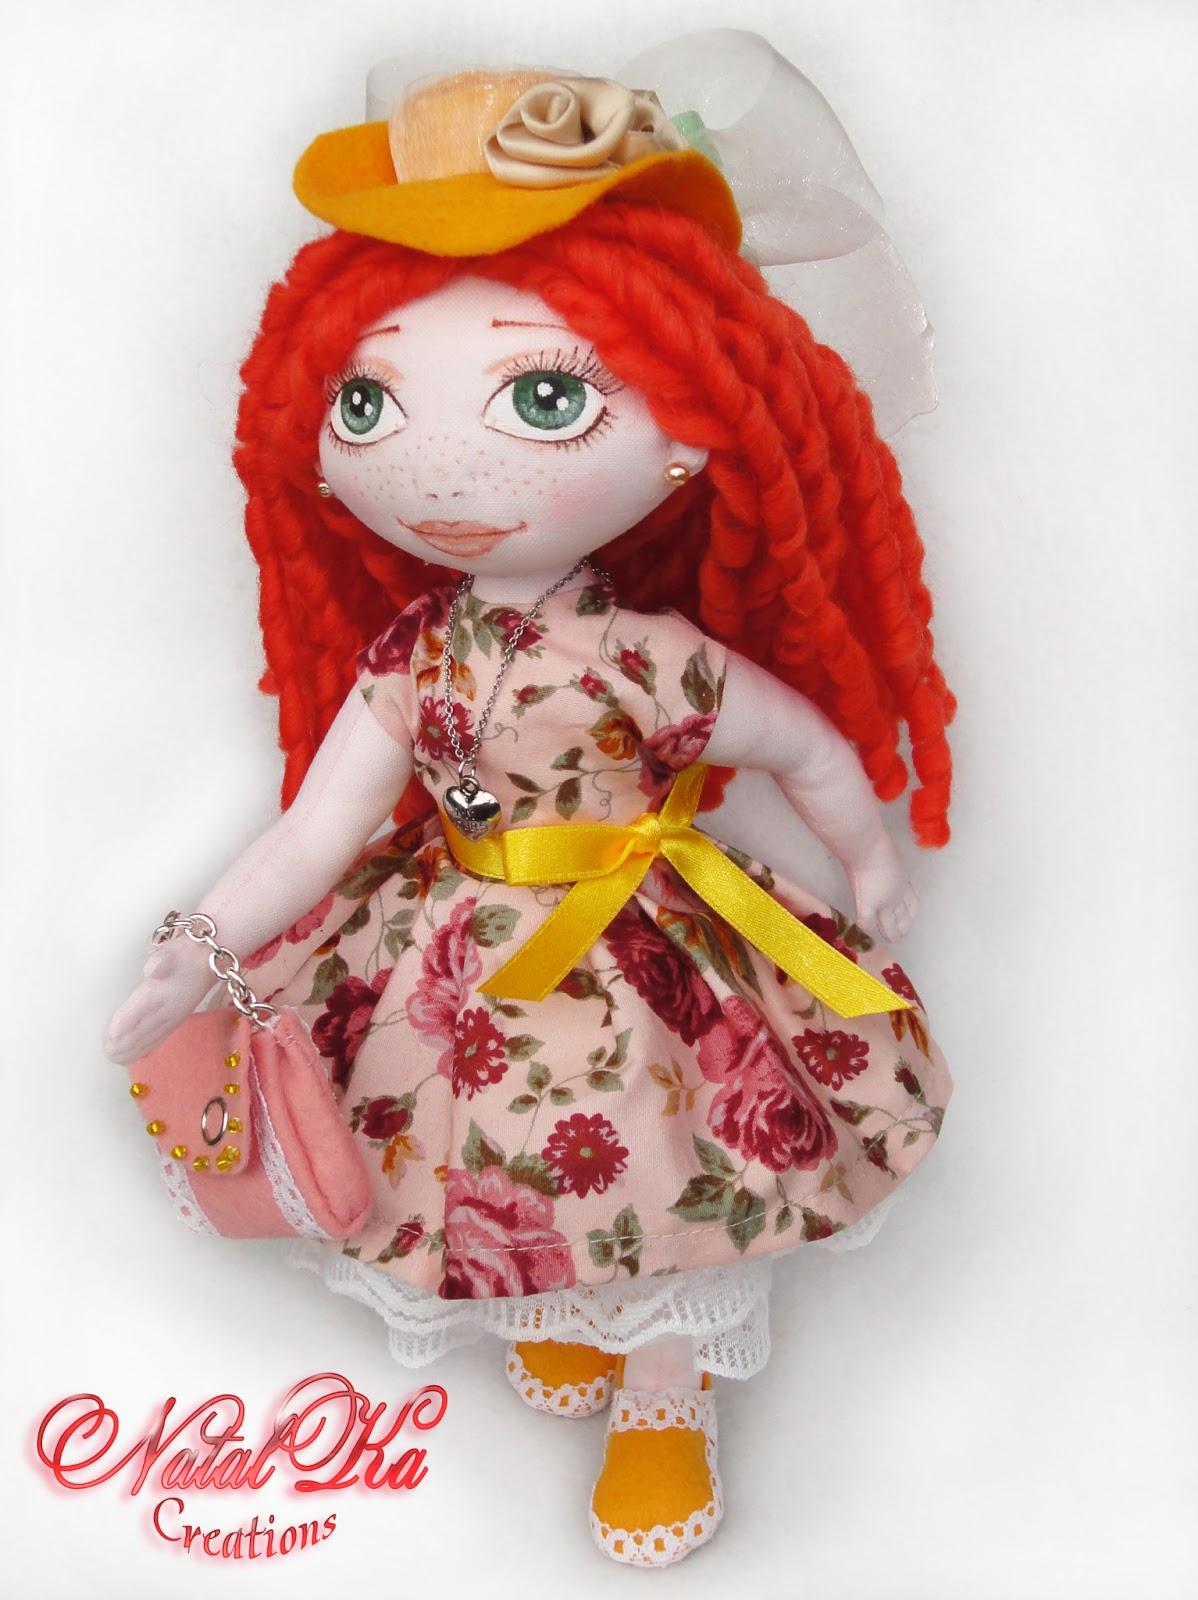 NatalKa Creations. Авторская текстильная кукла